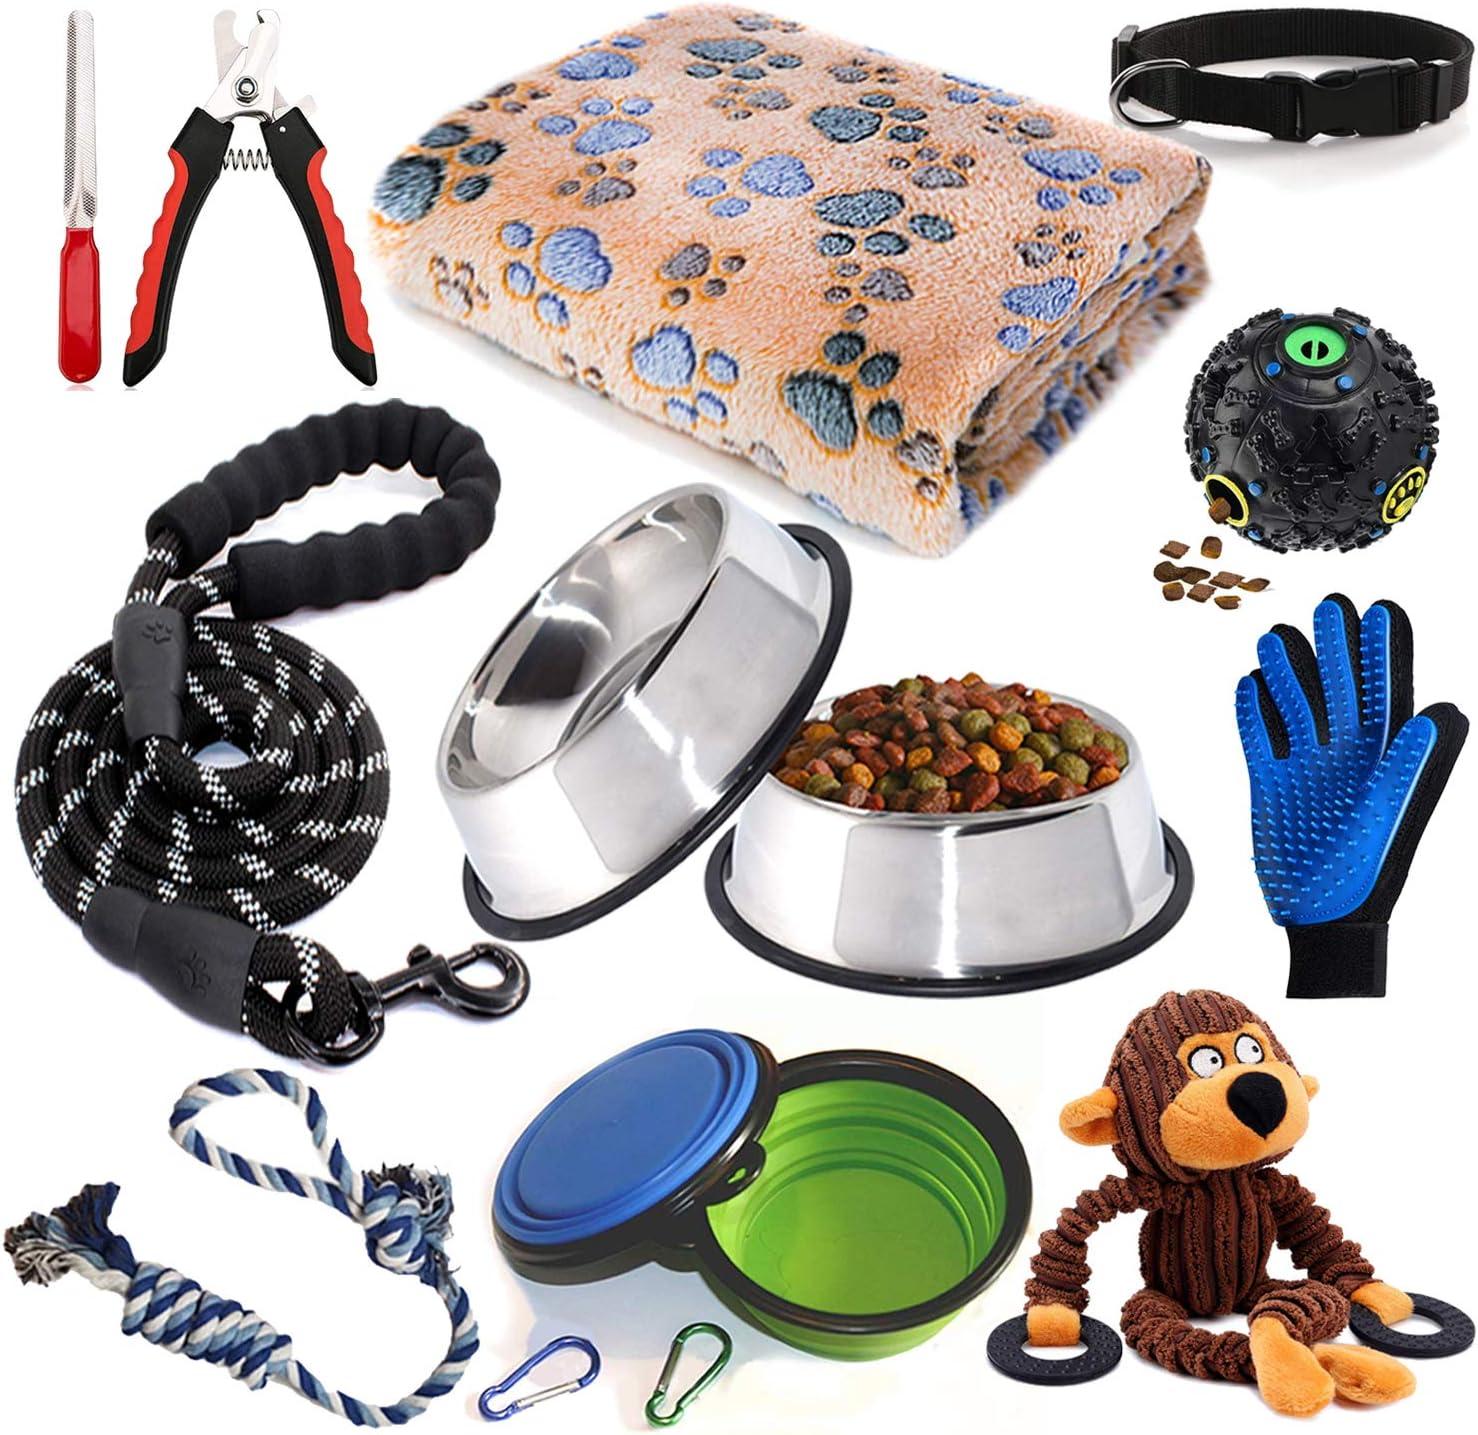 6 Best dog training kit set 3